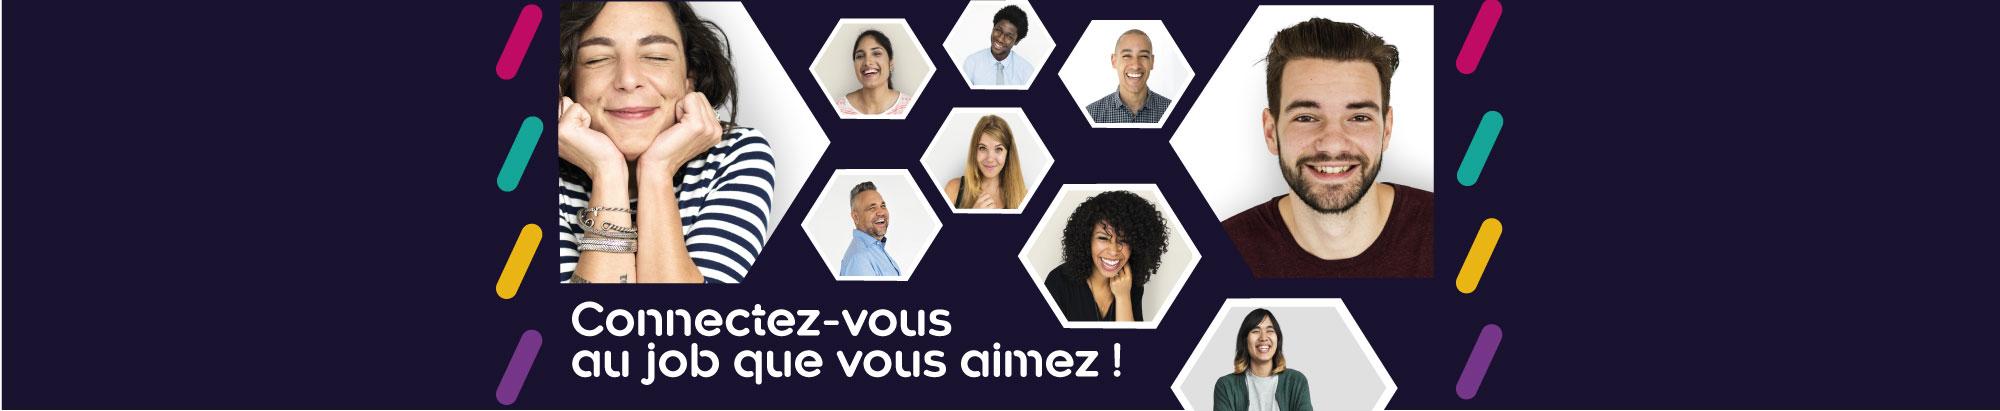 Recrutement: Opérateur / Opératrice de production Polyvalent(e) chez 42 - Saint-Etienne à Saint-Chamond